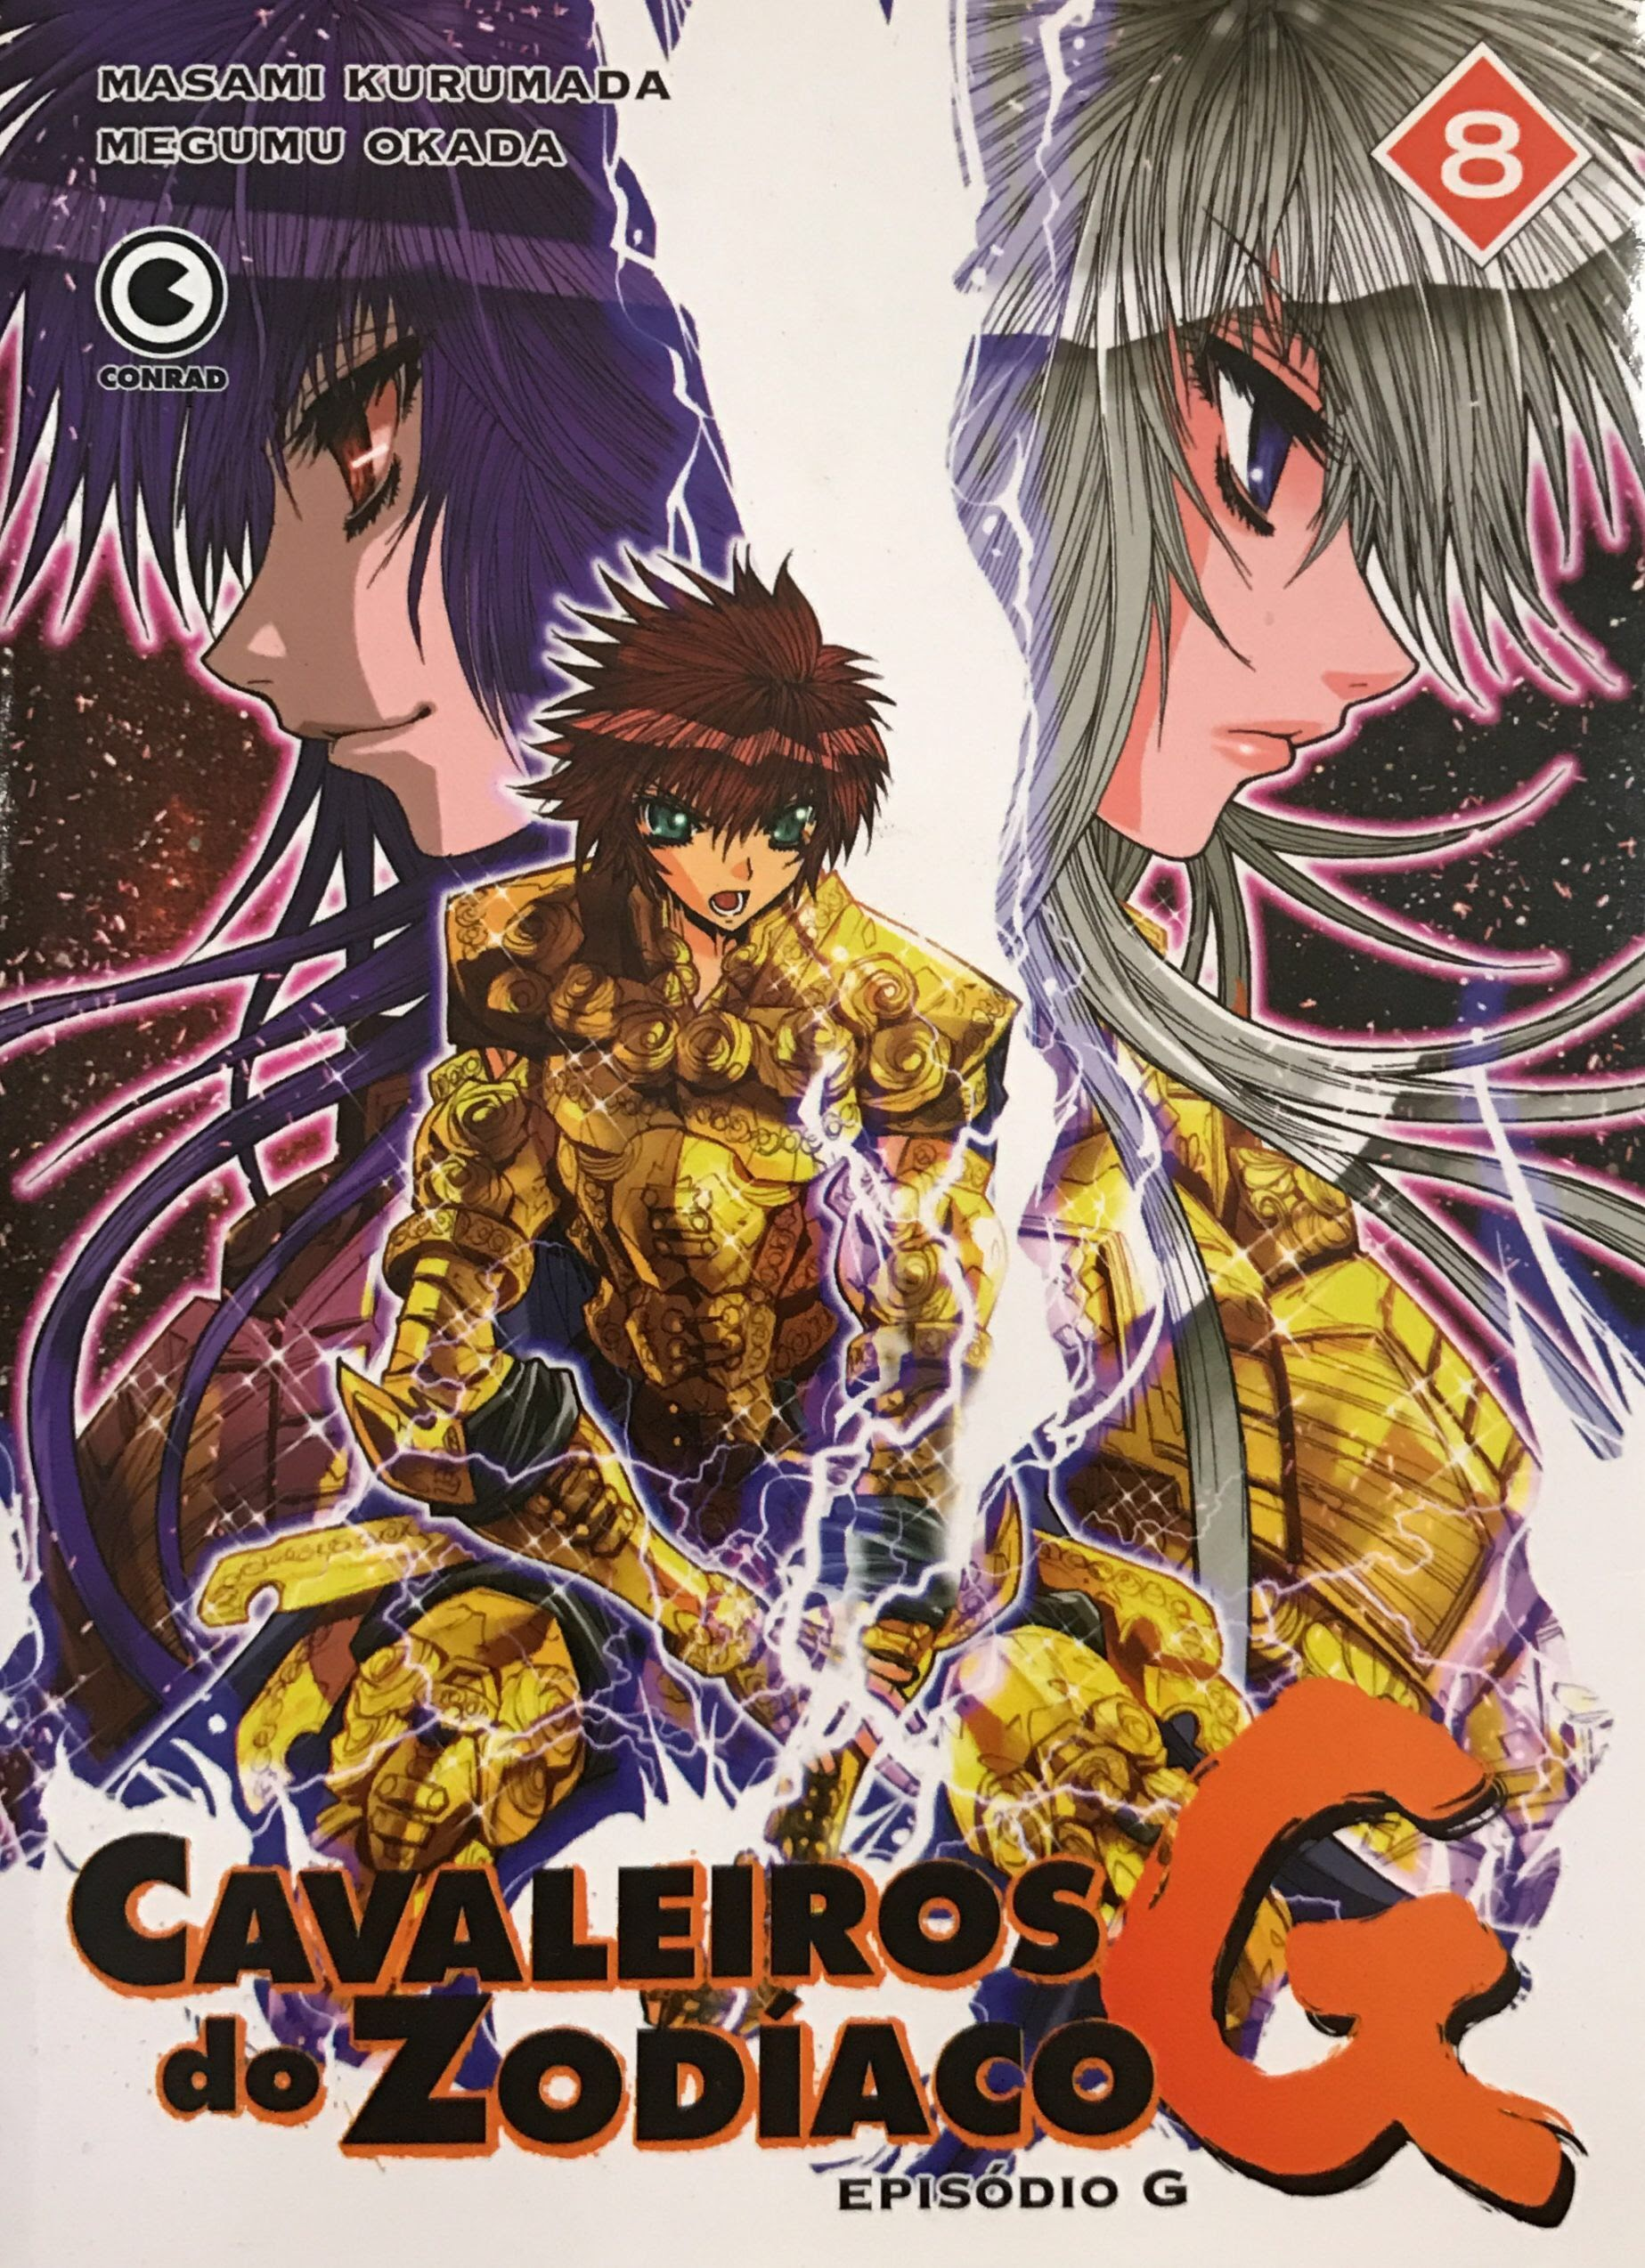 cavaleiros-do-zodiaco-g-08.jpg